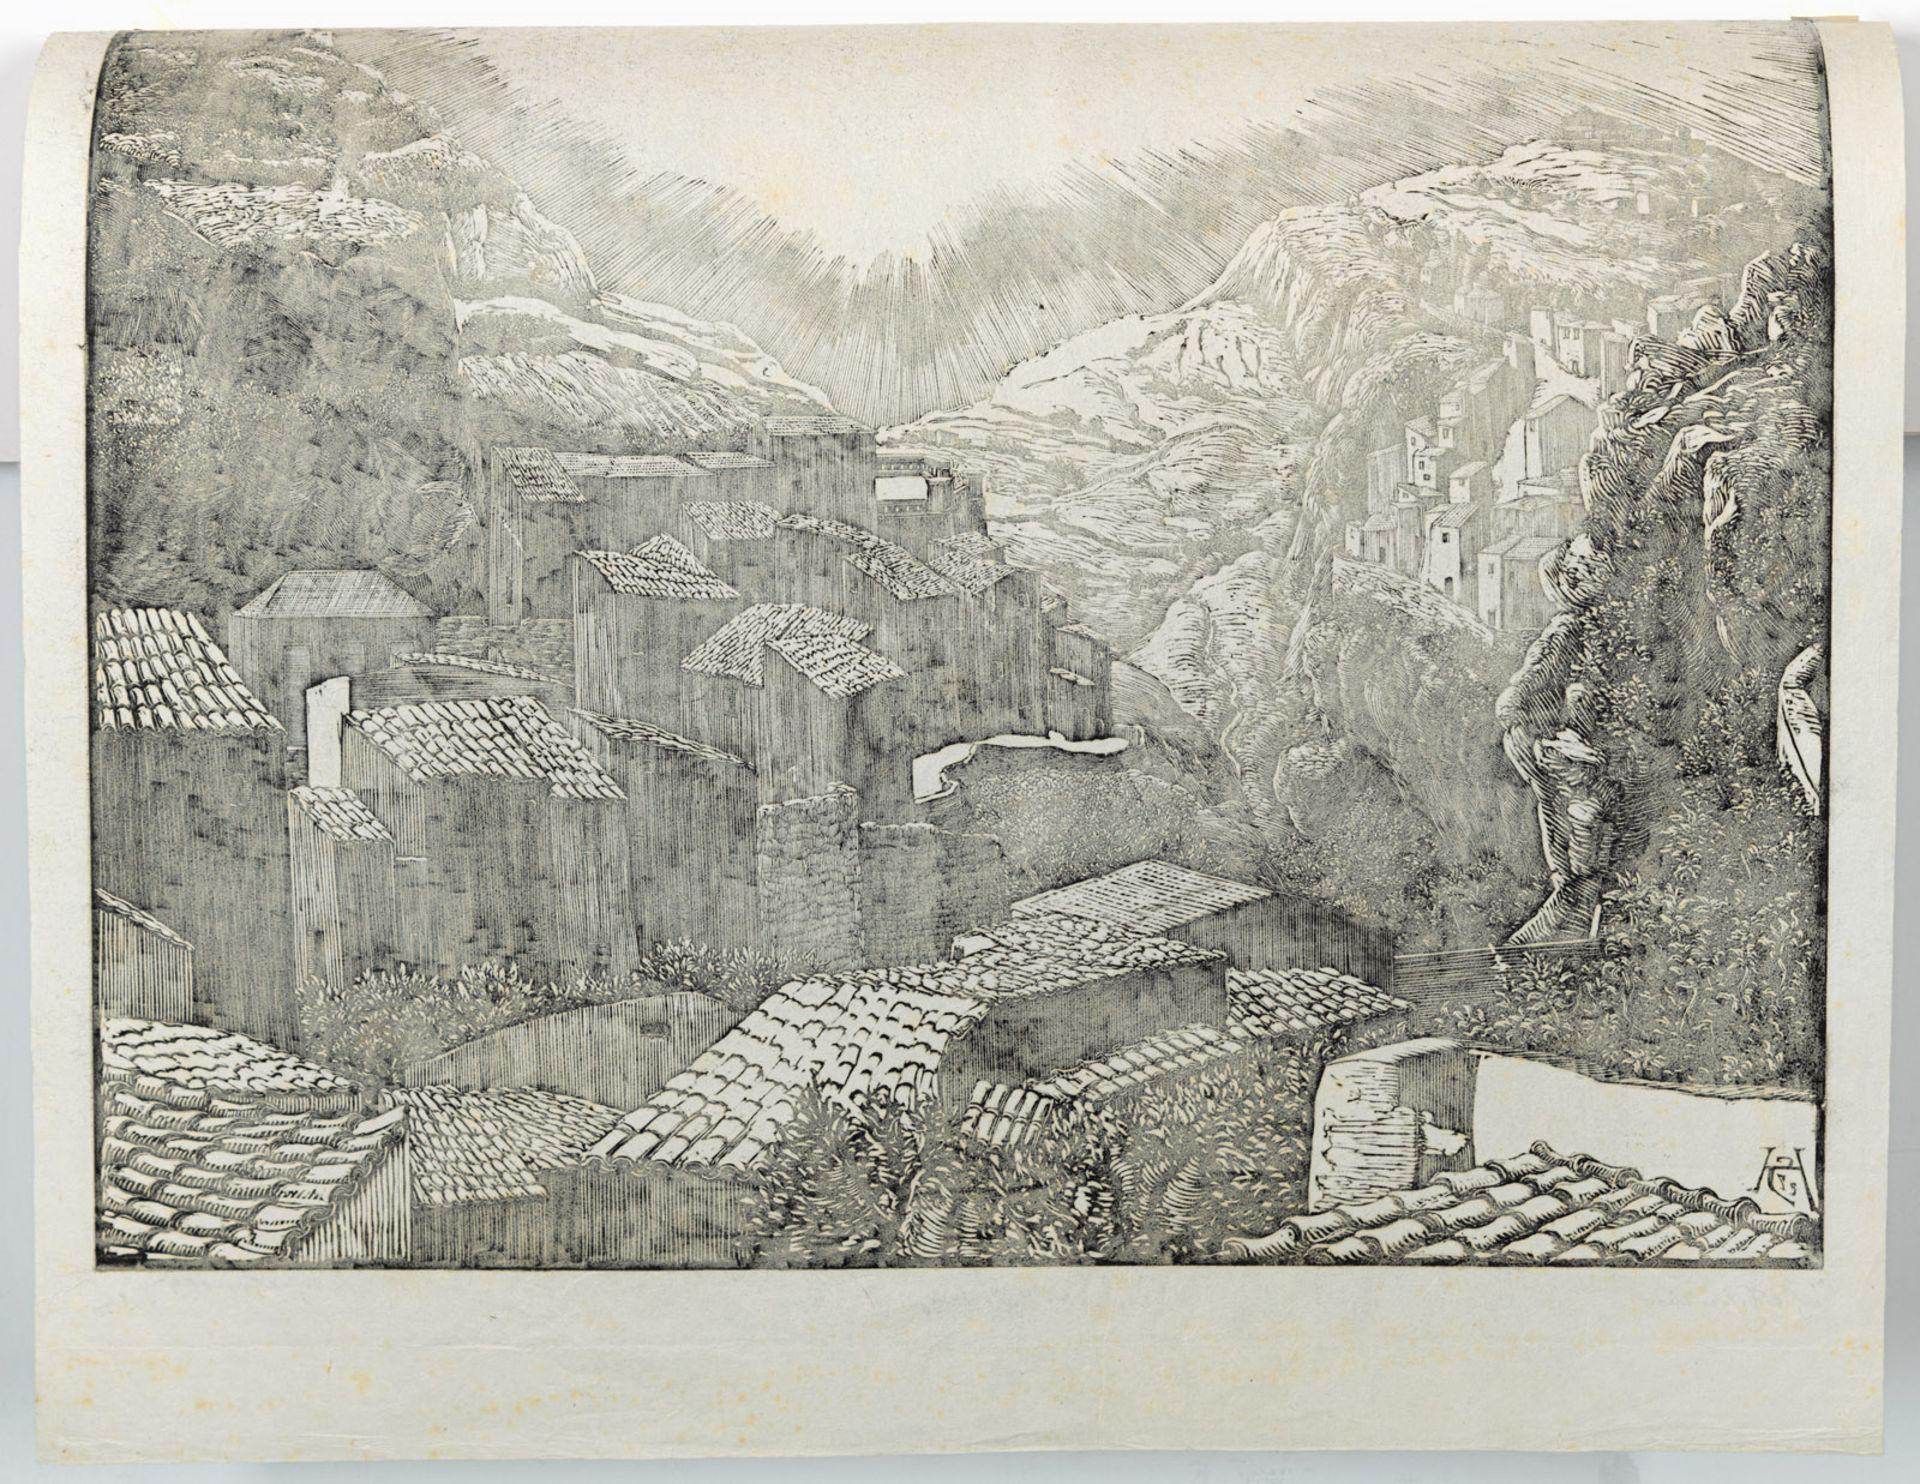 Schönleber, Hans Otto - Image 5 of 9